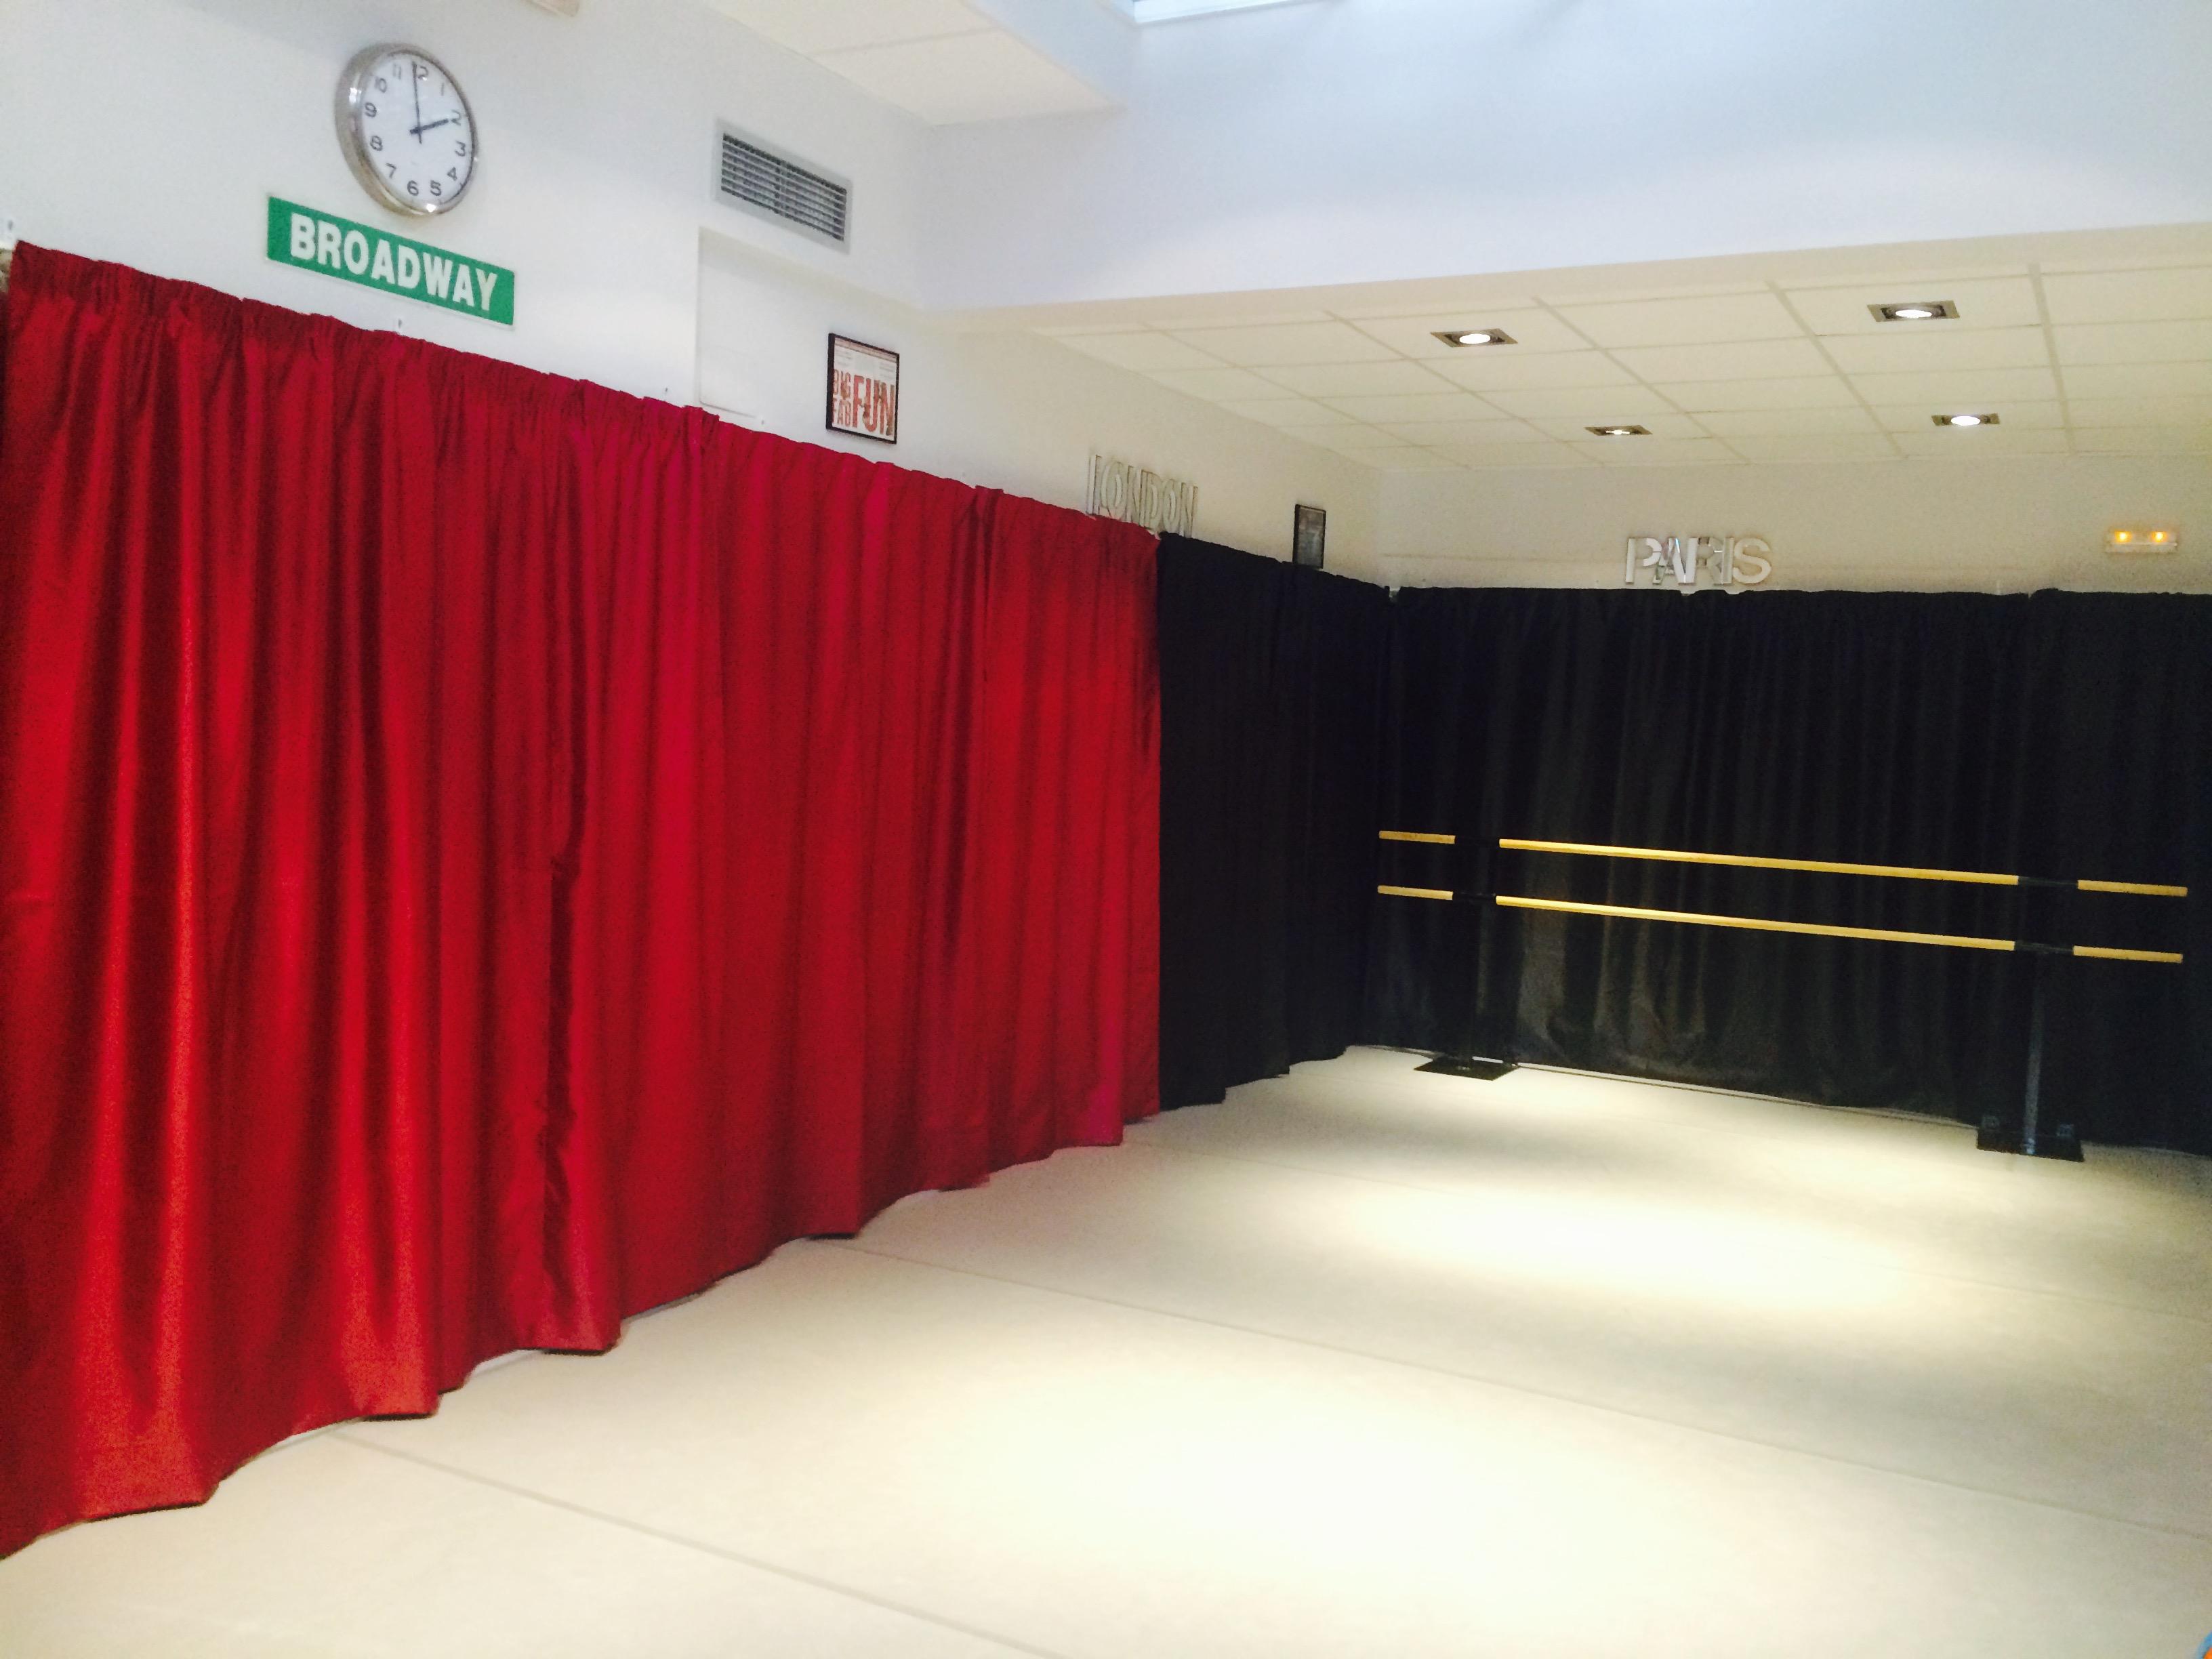 aula-con-cortinas-2